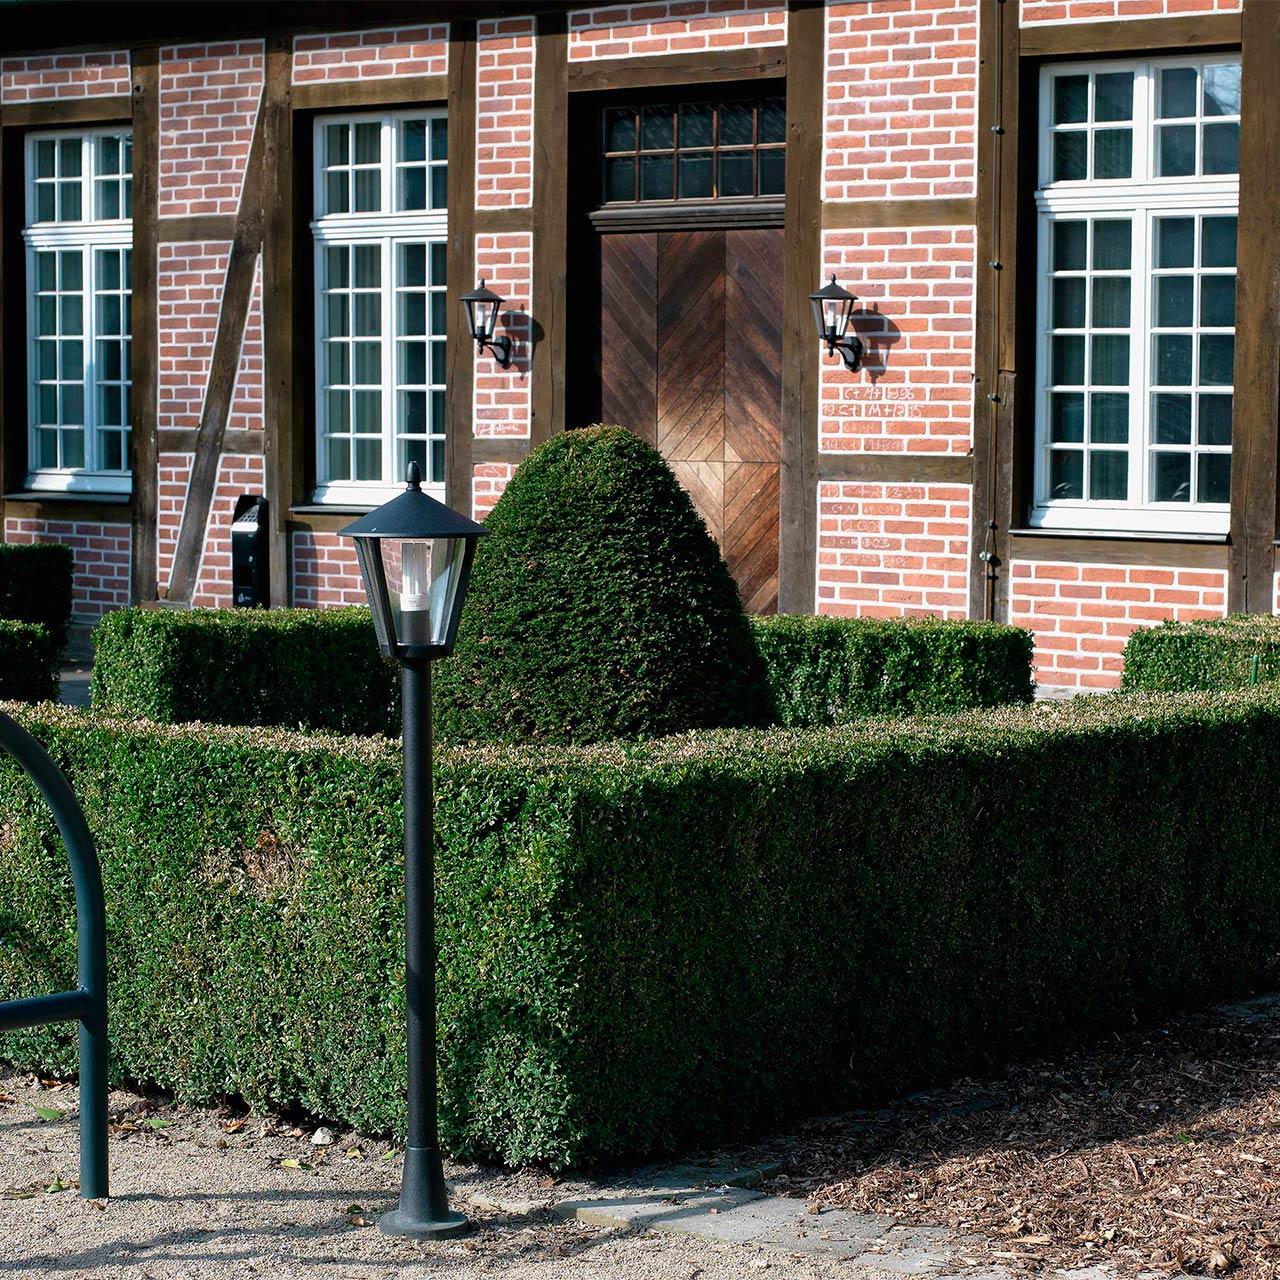 Eine Gartenanlage mit Hecke, Büschen und mittelhohen Lichtmasten